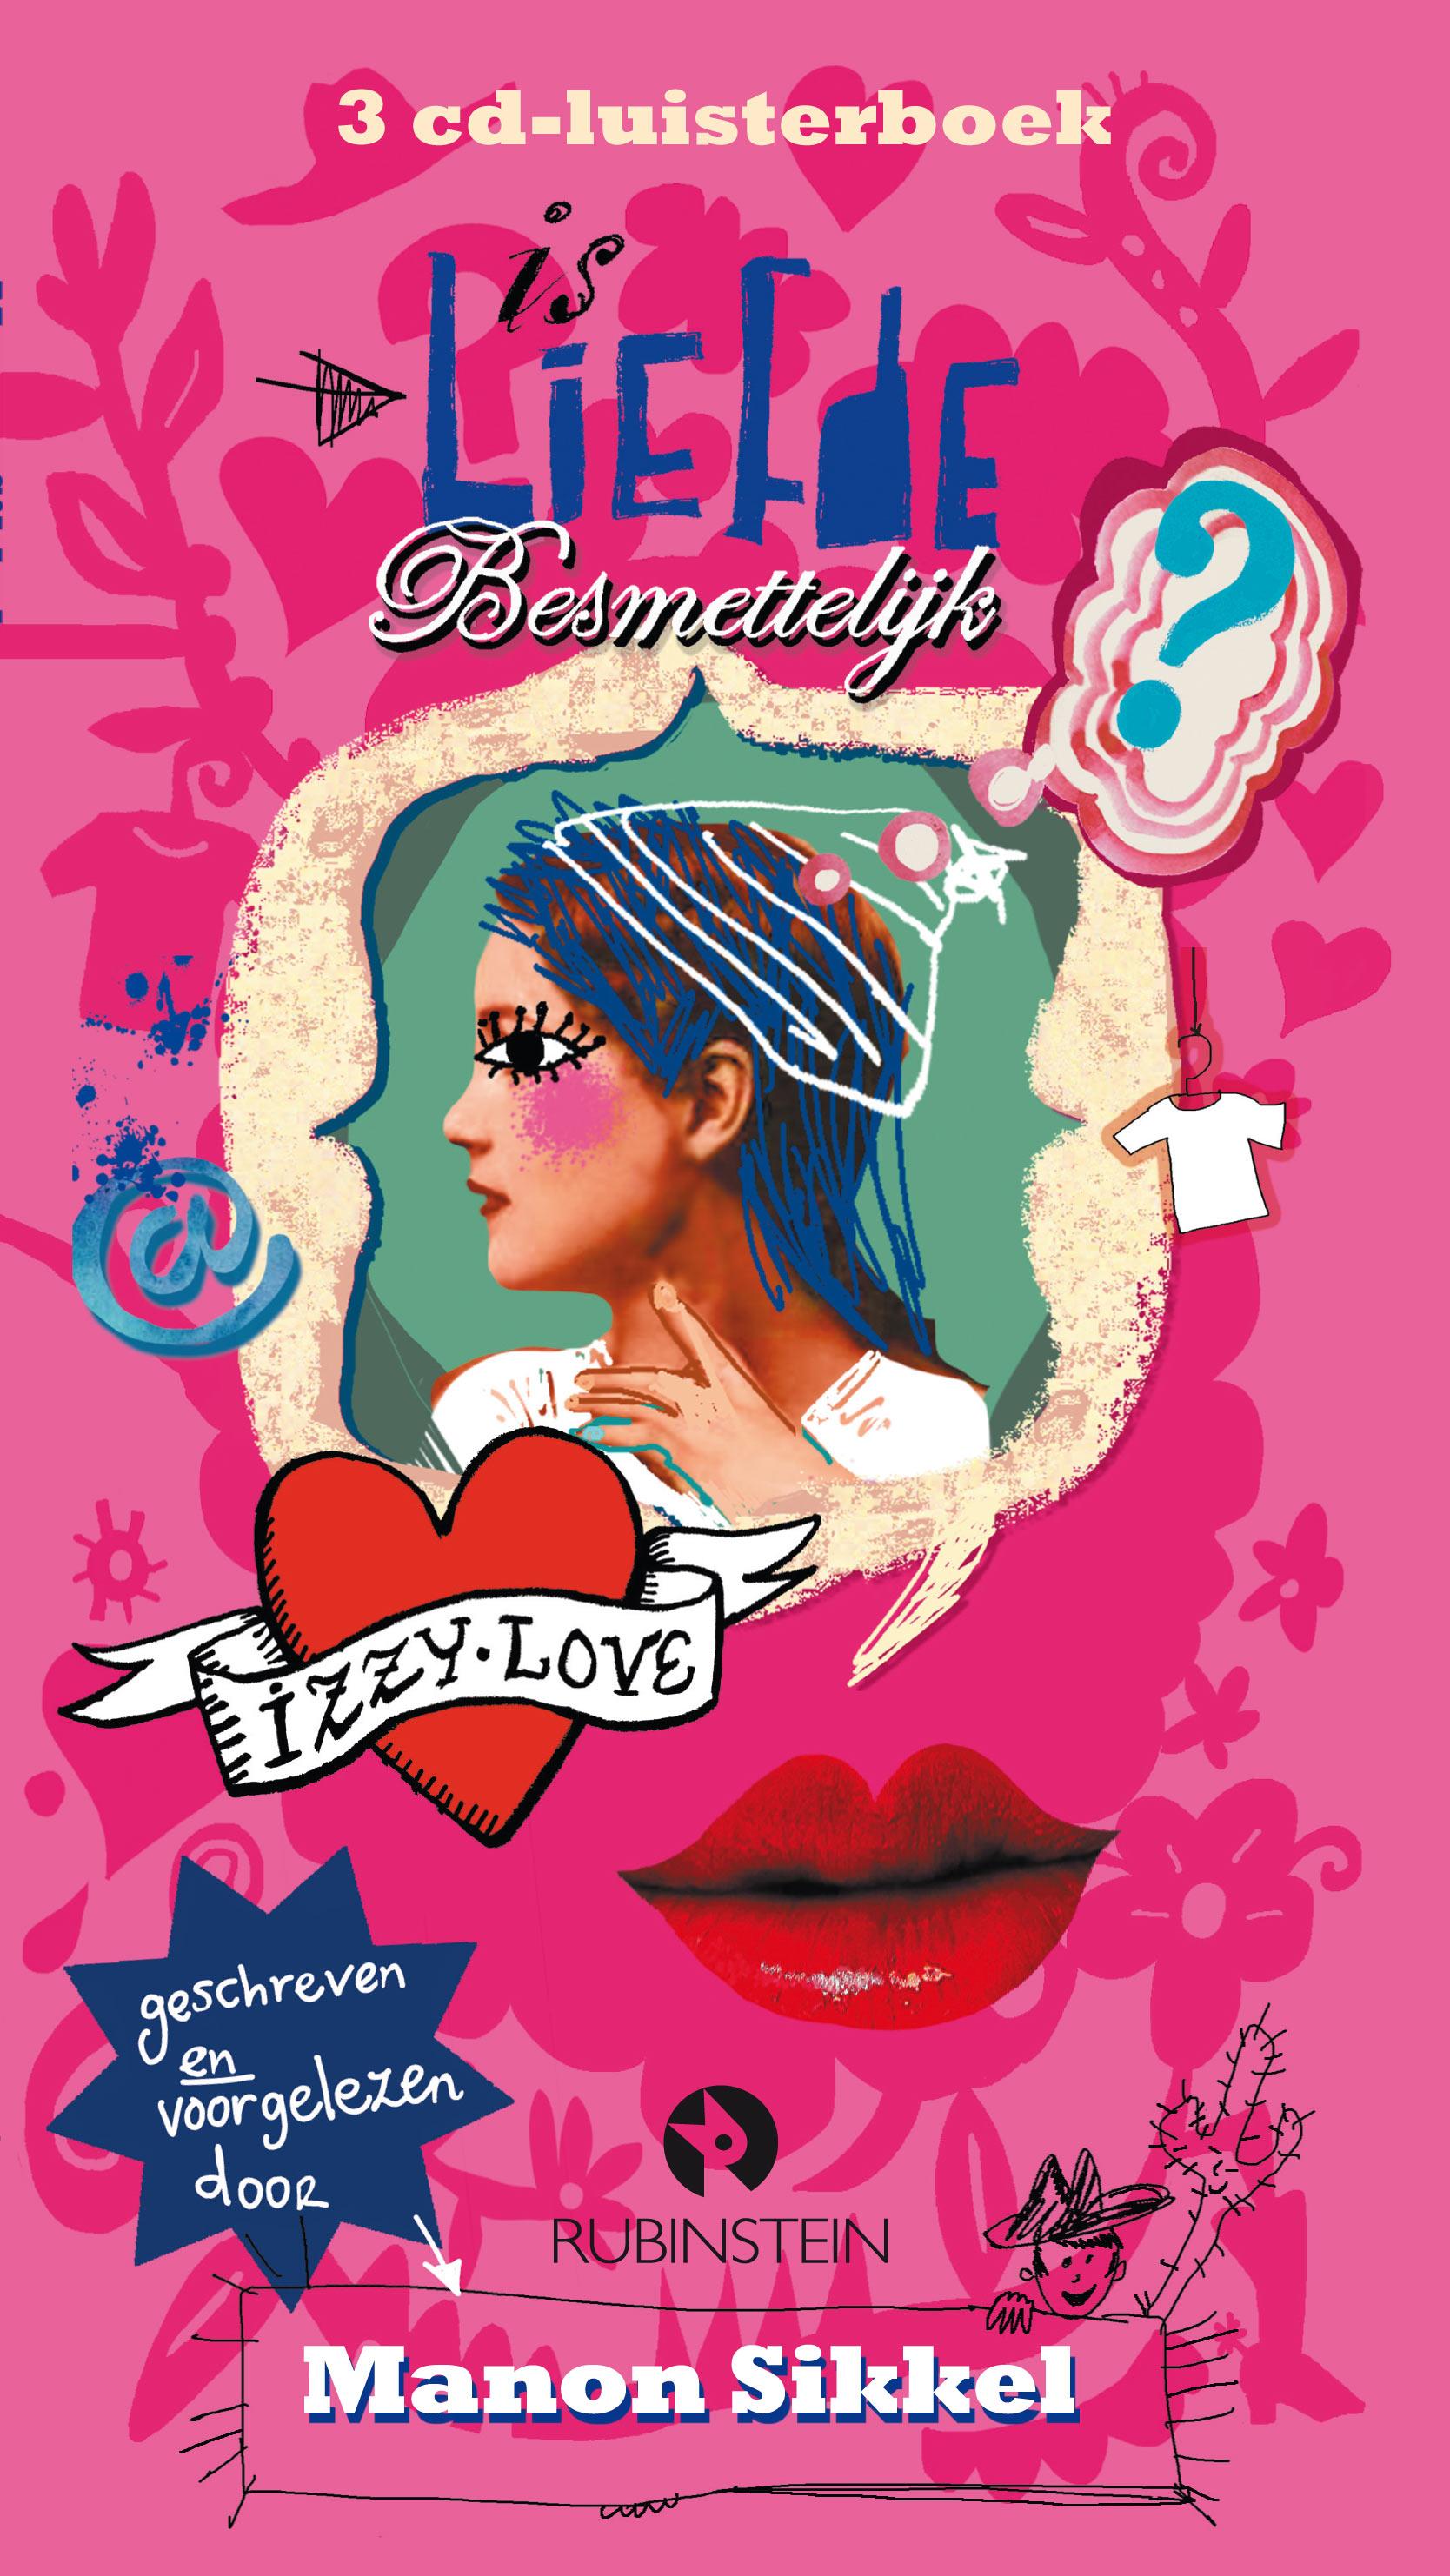 Is liefde besmettelijk? luisterboek Book Cover